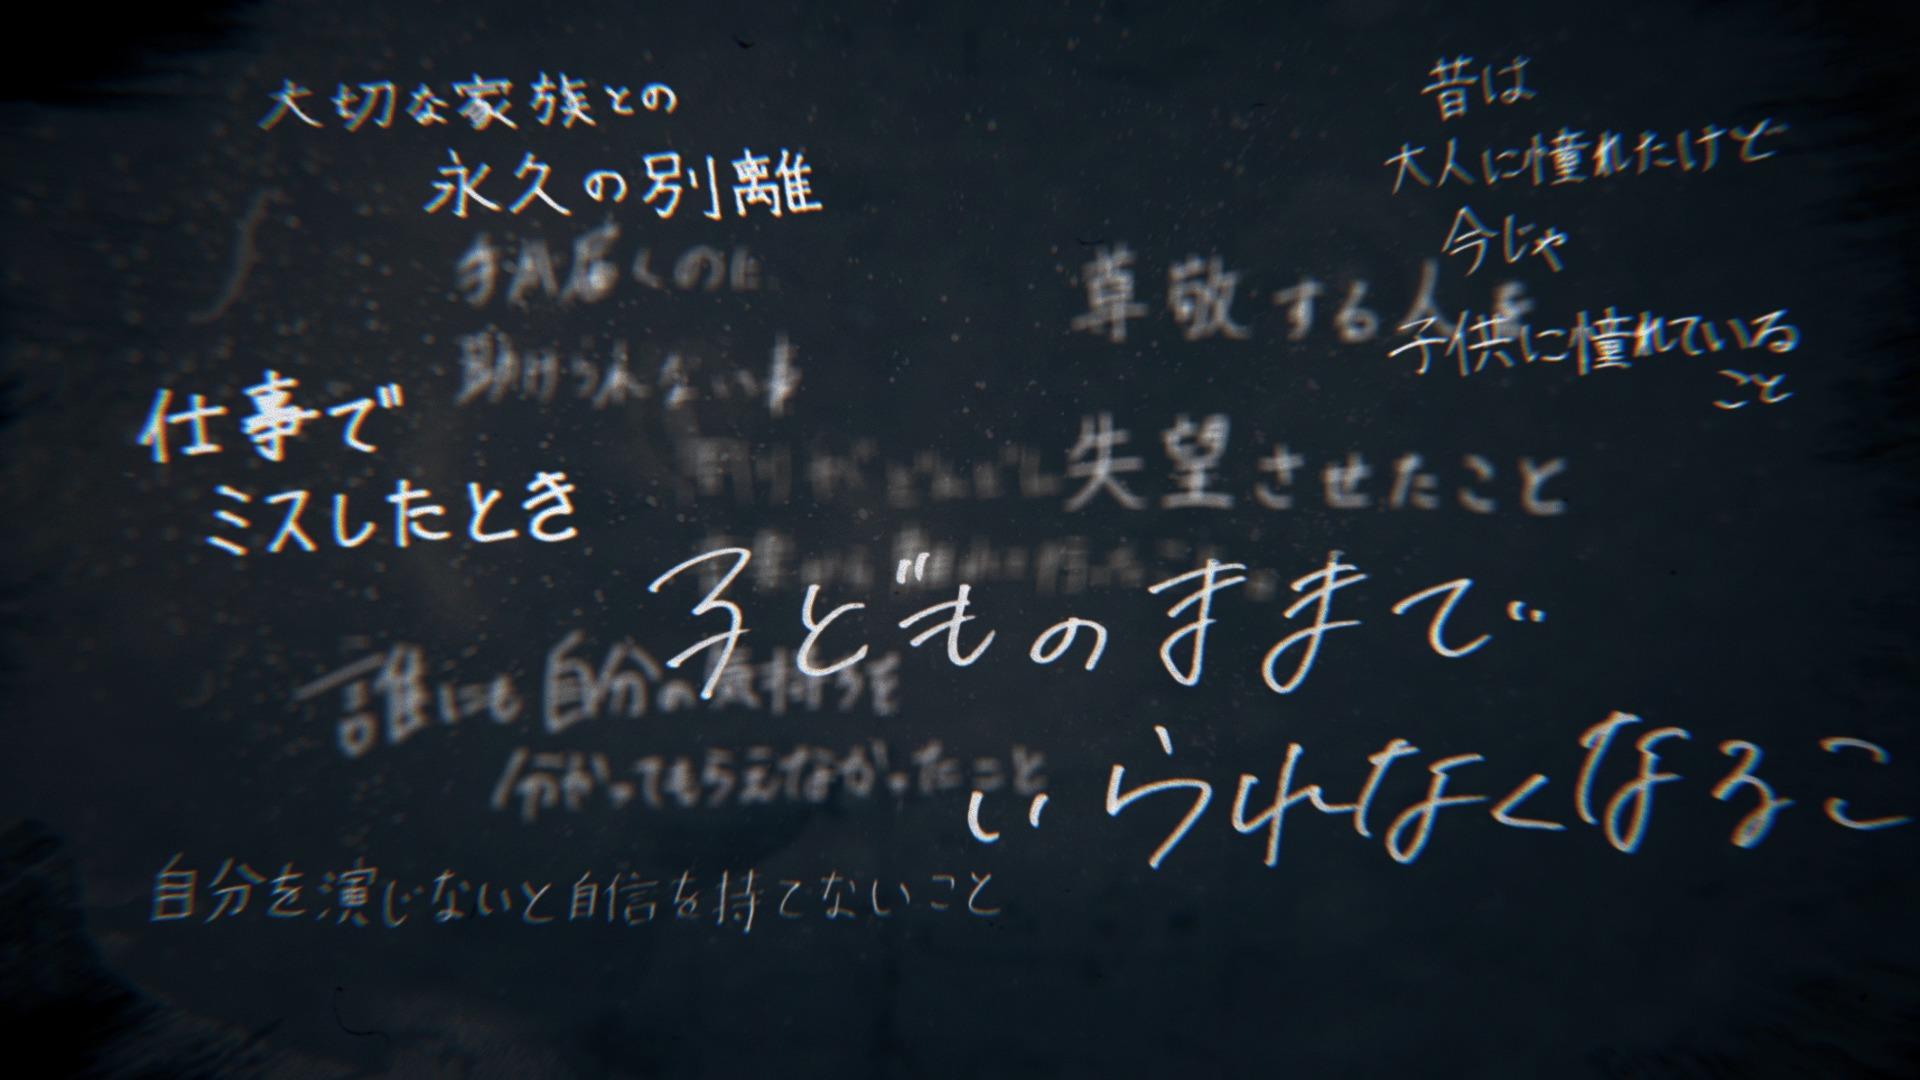 幸祜 -koko- 「瞑目」MV(モーショングラフィックス)